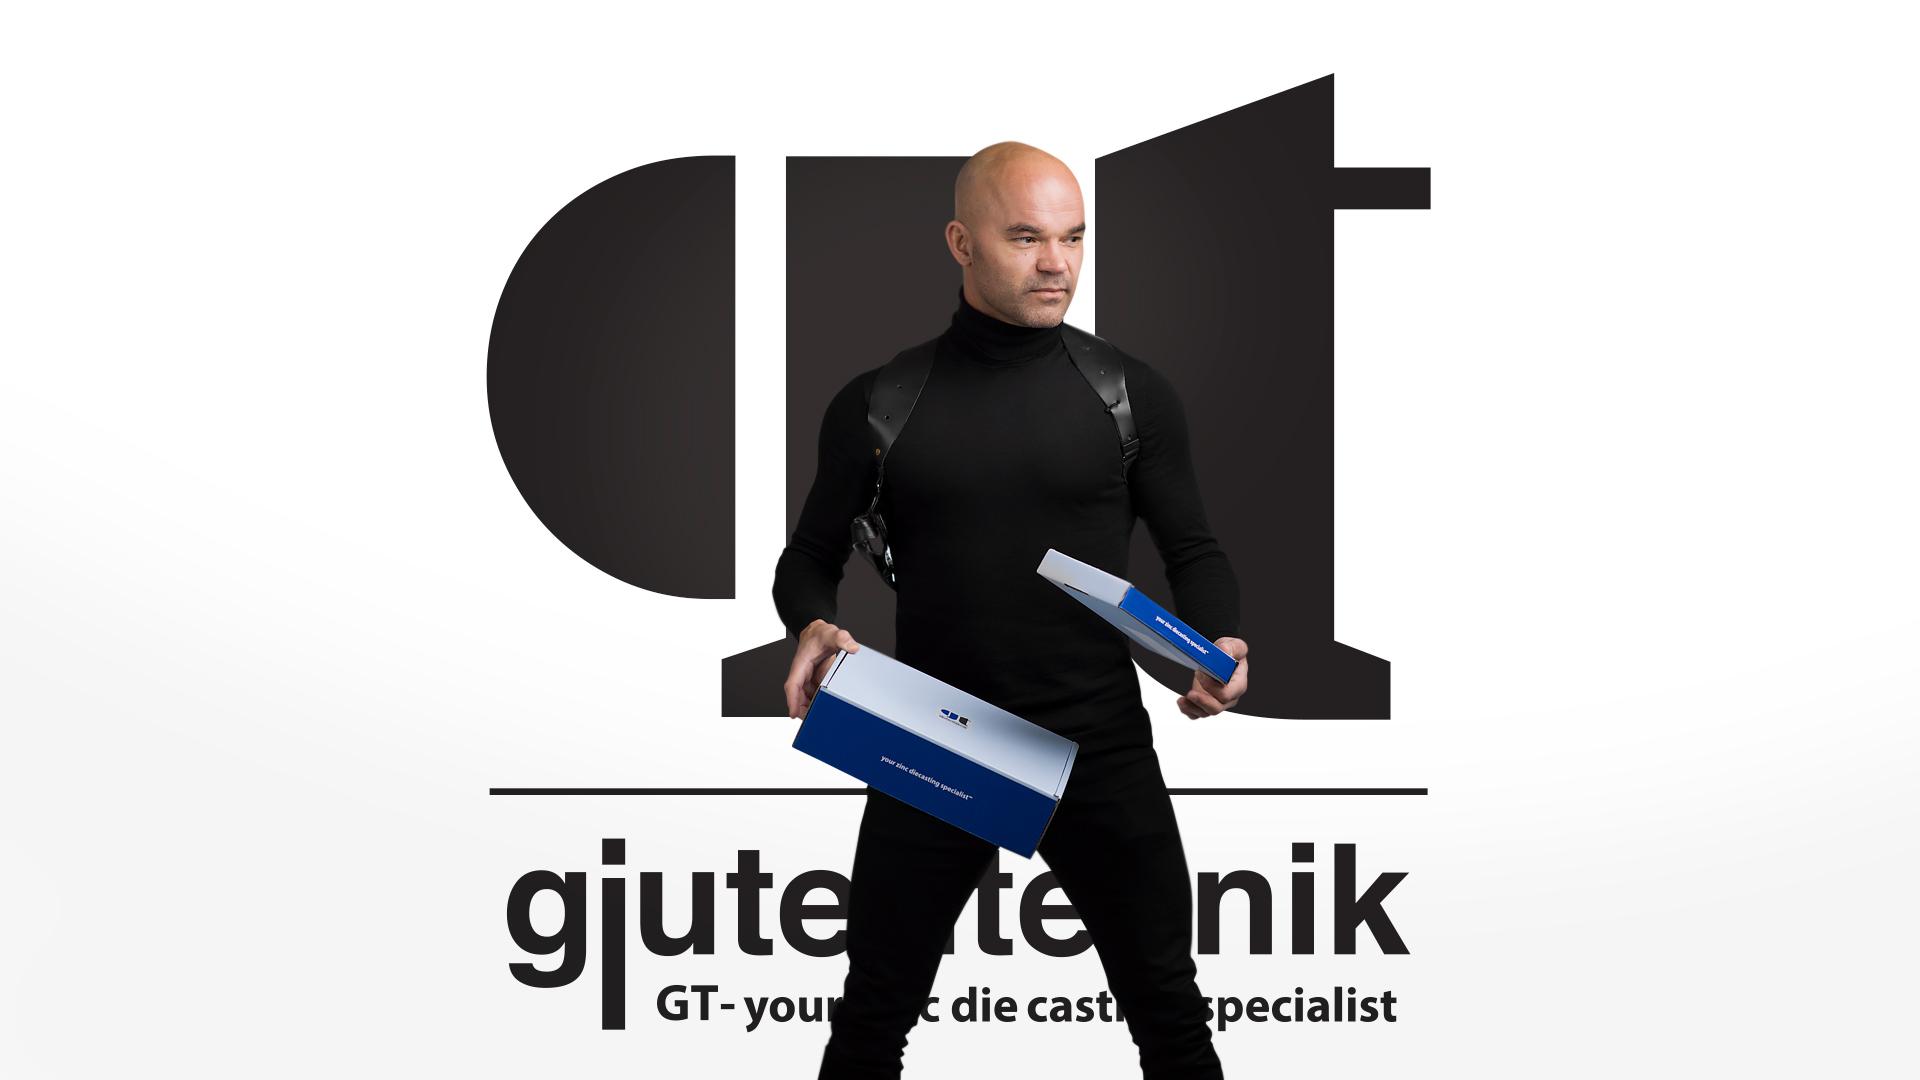 Gjuteriteknik Förpackningar